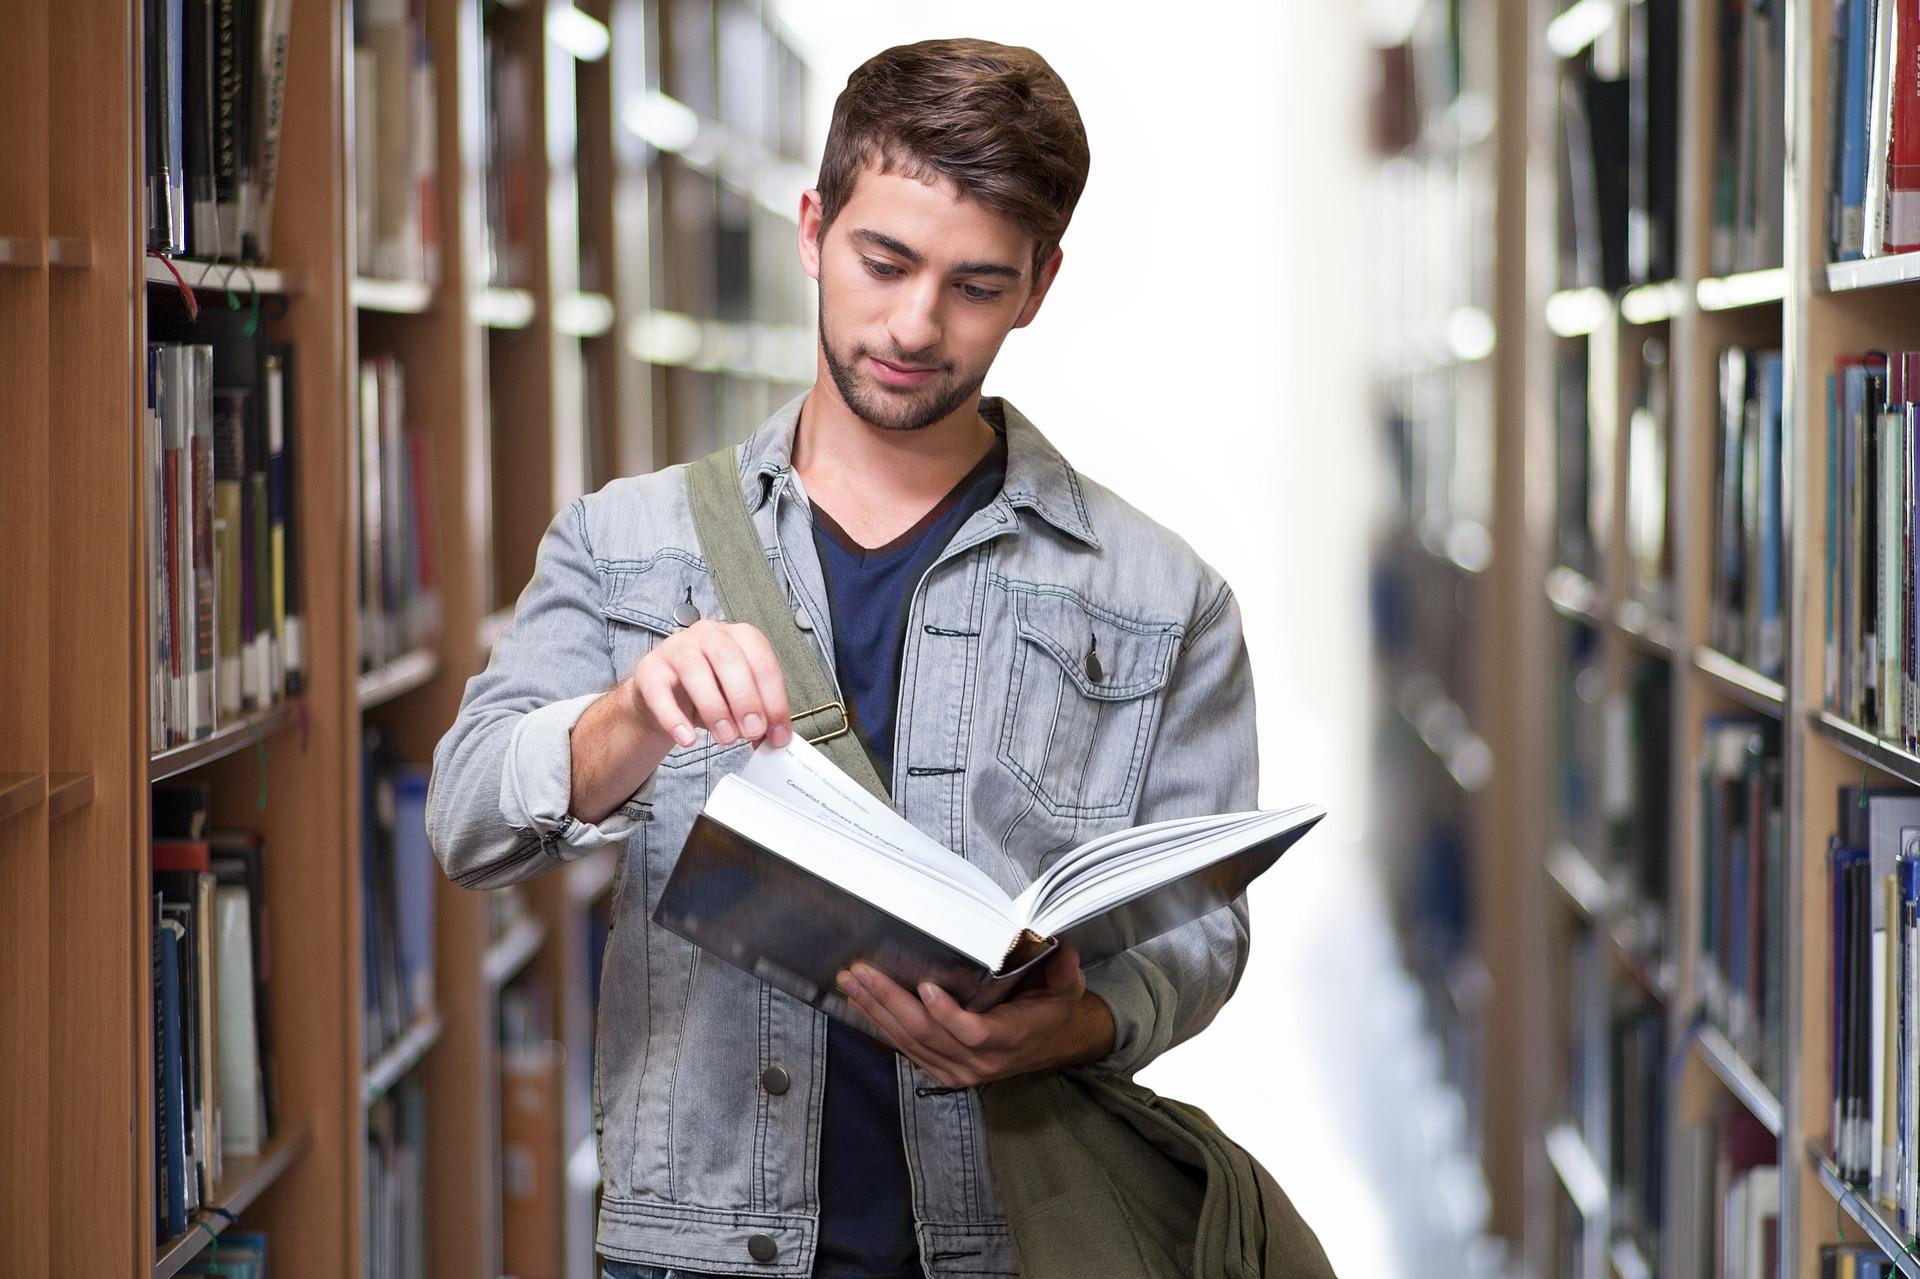 como ler livros biblioteca